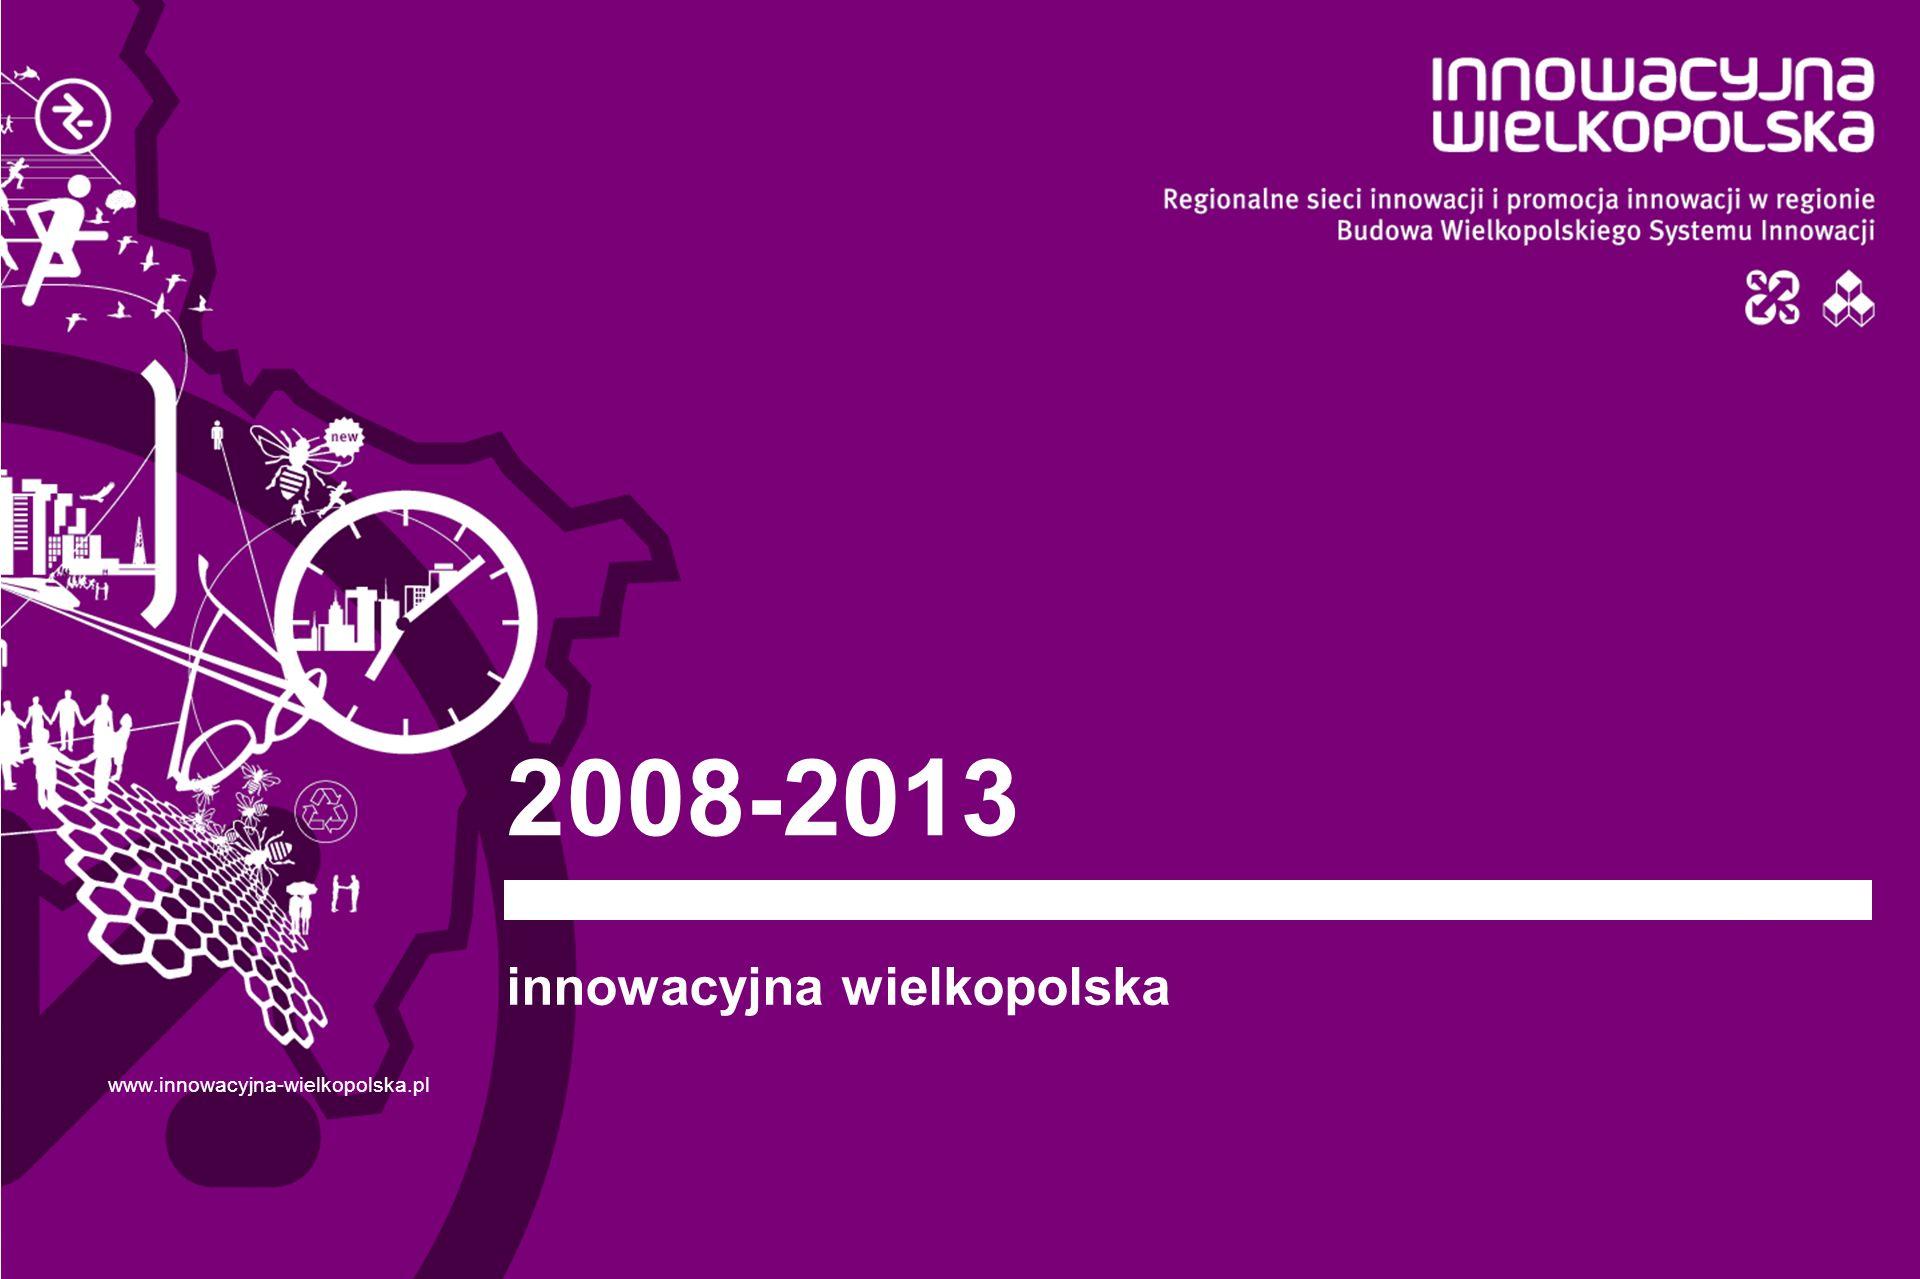 www.innowacyjna-wielkopolska.pl Działania planowane do realizacji w ramach projektów systemowych 2009 roku 11 Regionalny System Innowacji Modele infrastruktury systemu Aktualizacja Regionalnej Strategii Innowacji dla Wielkopolski Narzędzia budowy Regionalnego Systemu Innowacji Konferencja promująca Wielkopolskie Centrum Innowacji